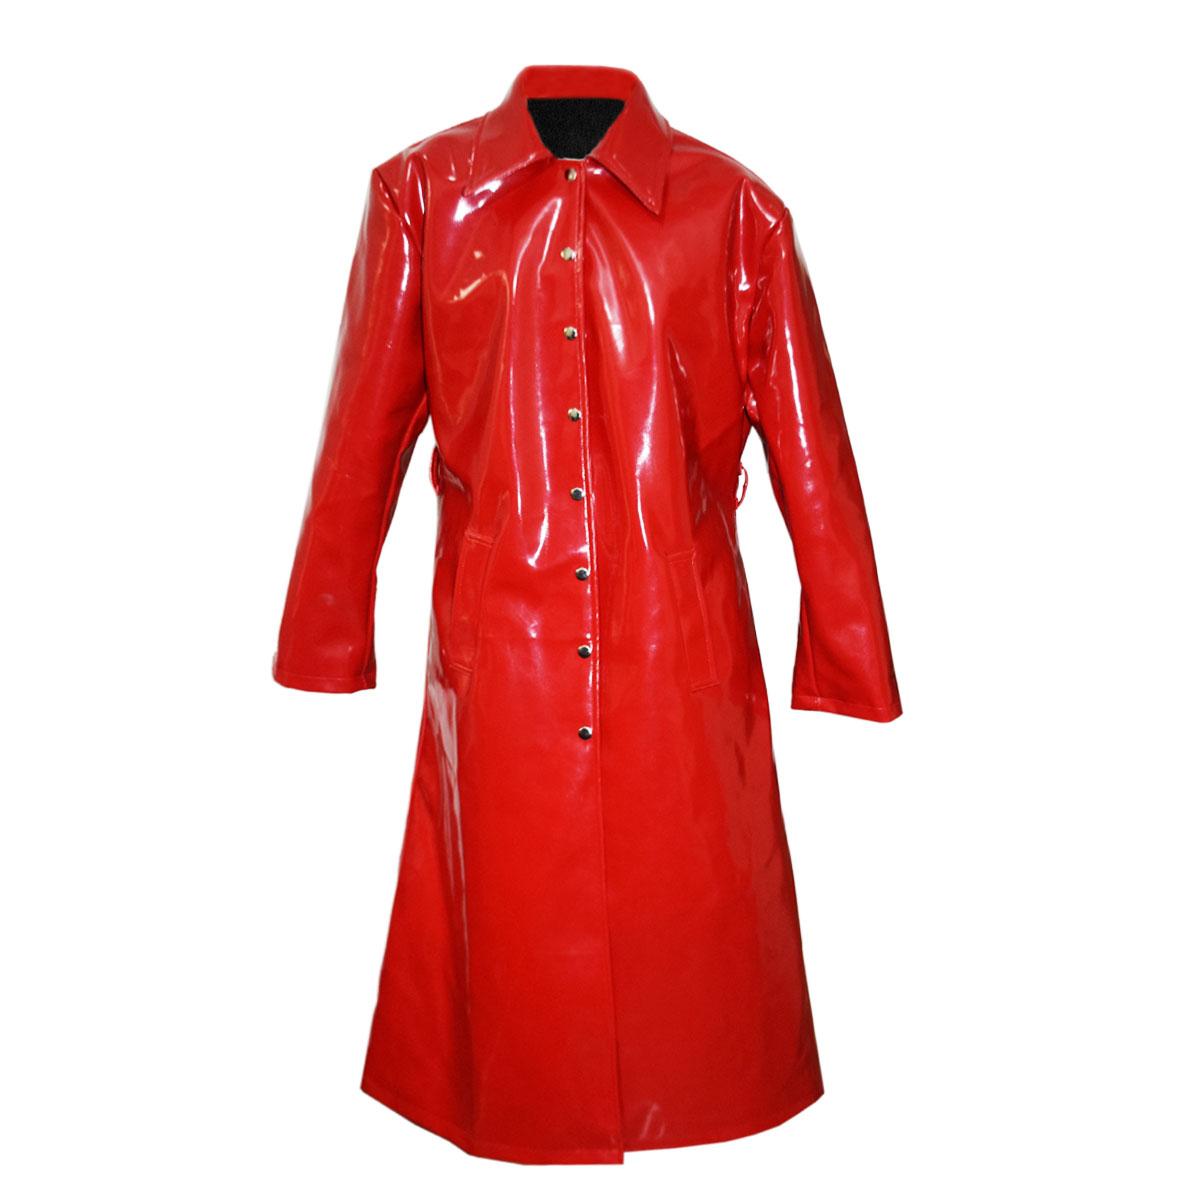 RED RAIN SUIT